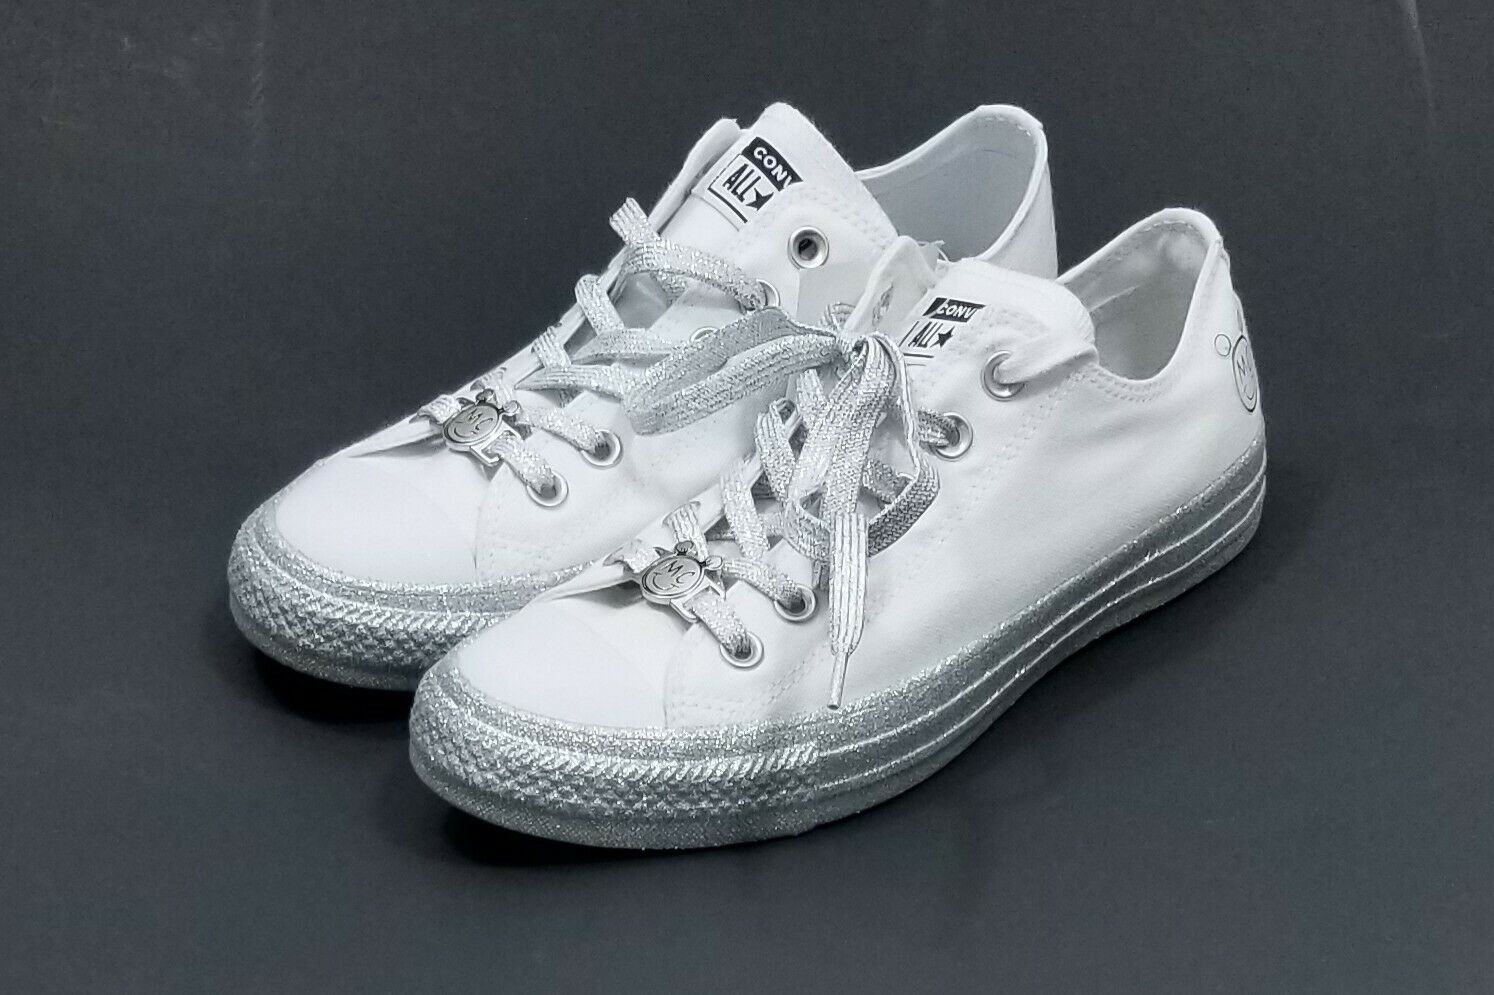 Converse Miley Cyrus CTAS OX Platform White Platinum Women Size 9 162238C